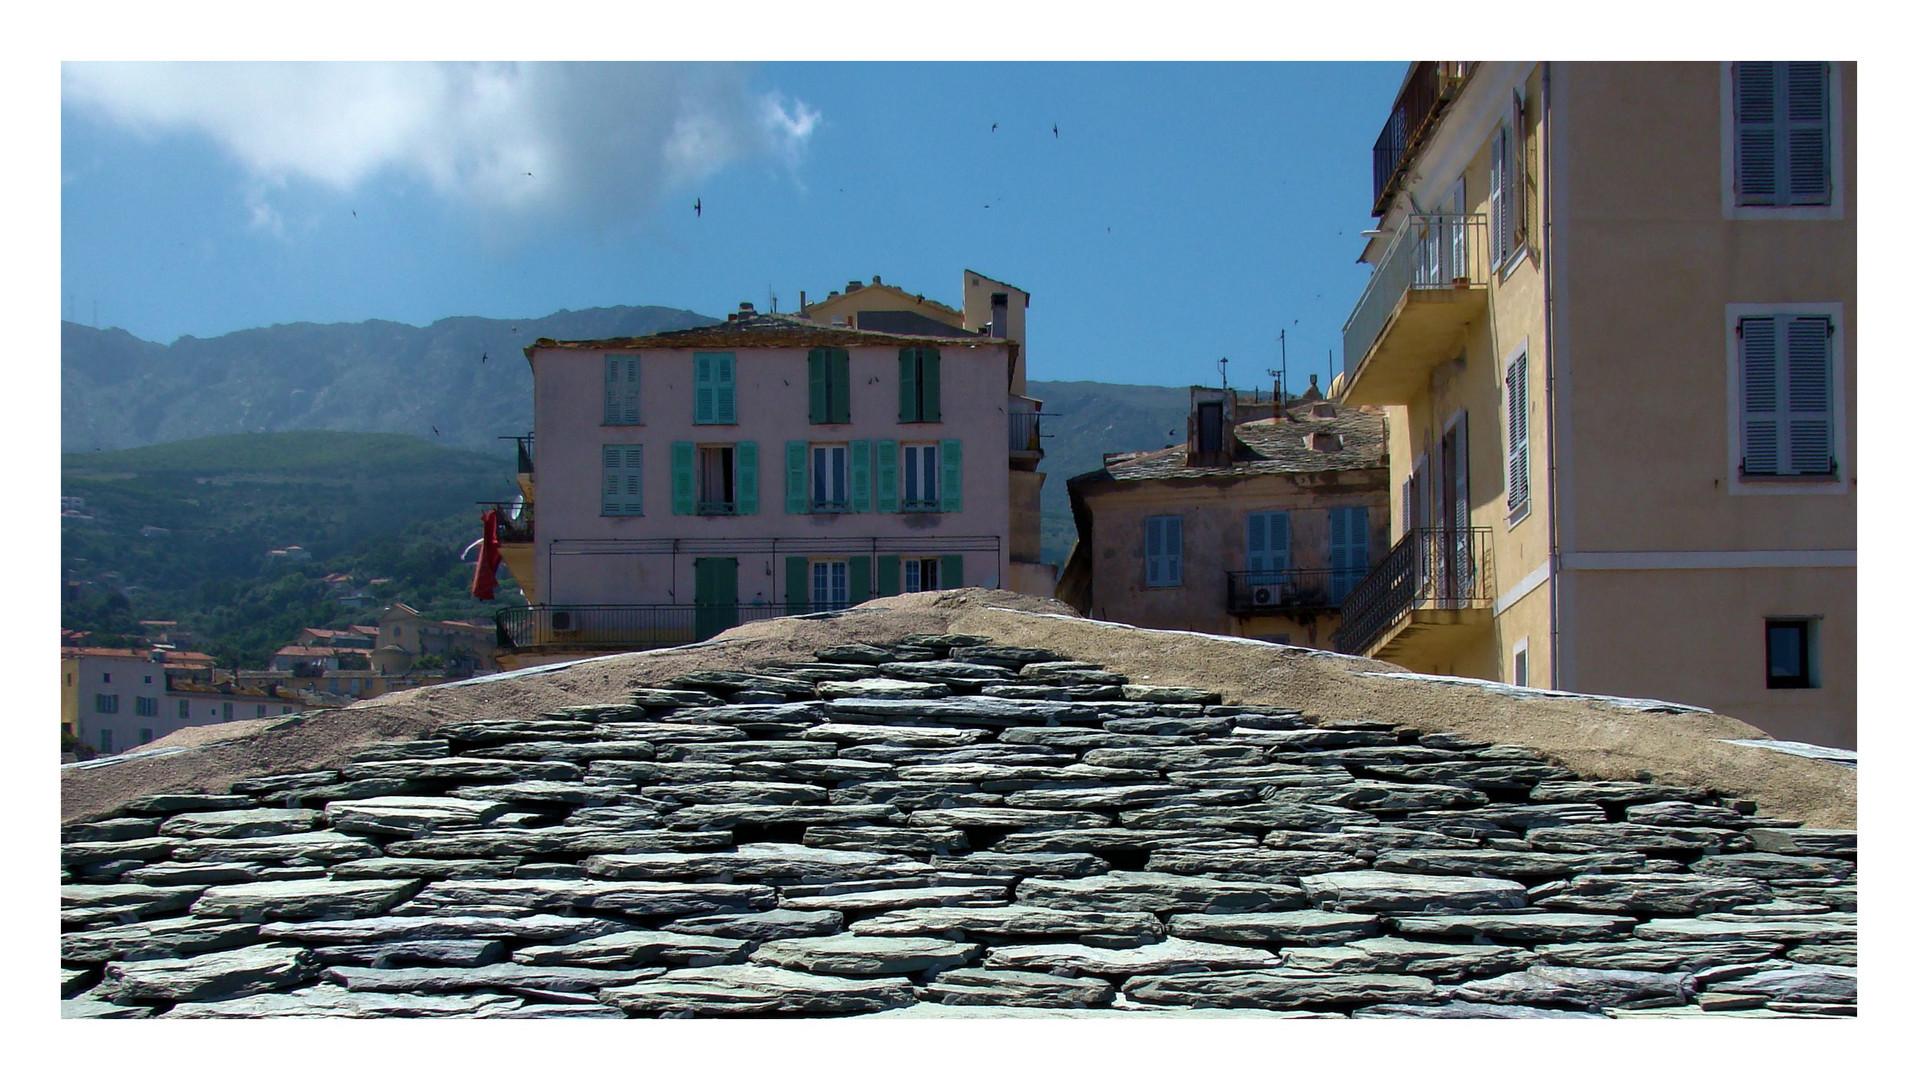 Über den Dächern von Bastia